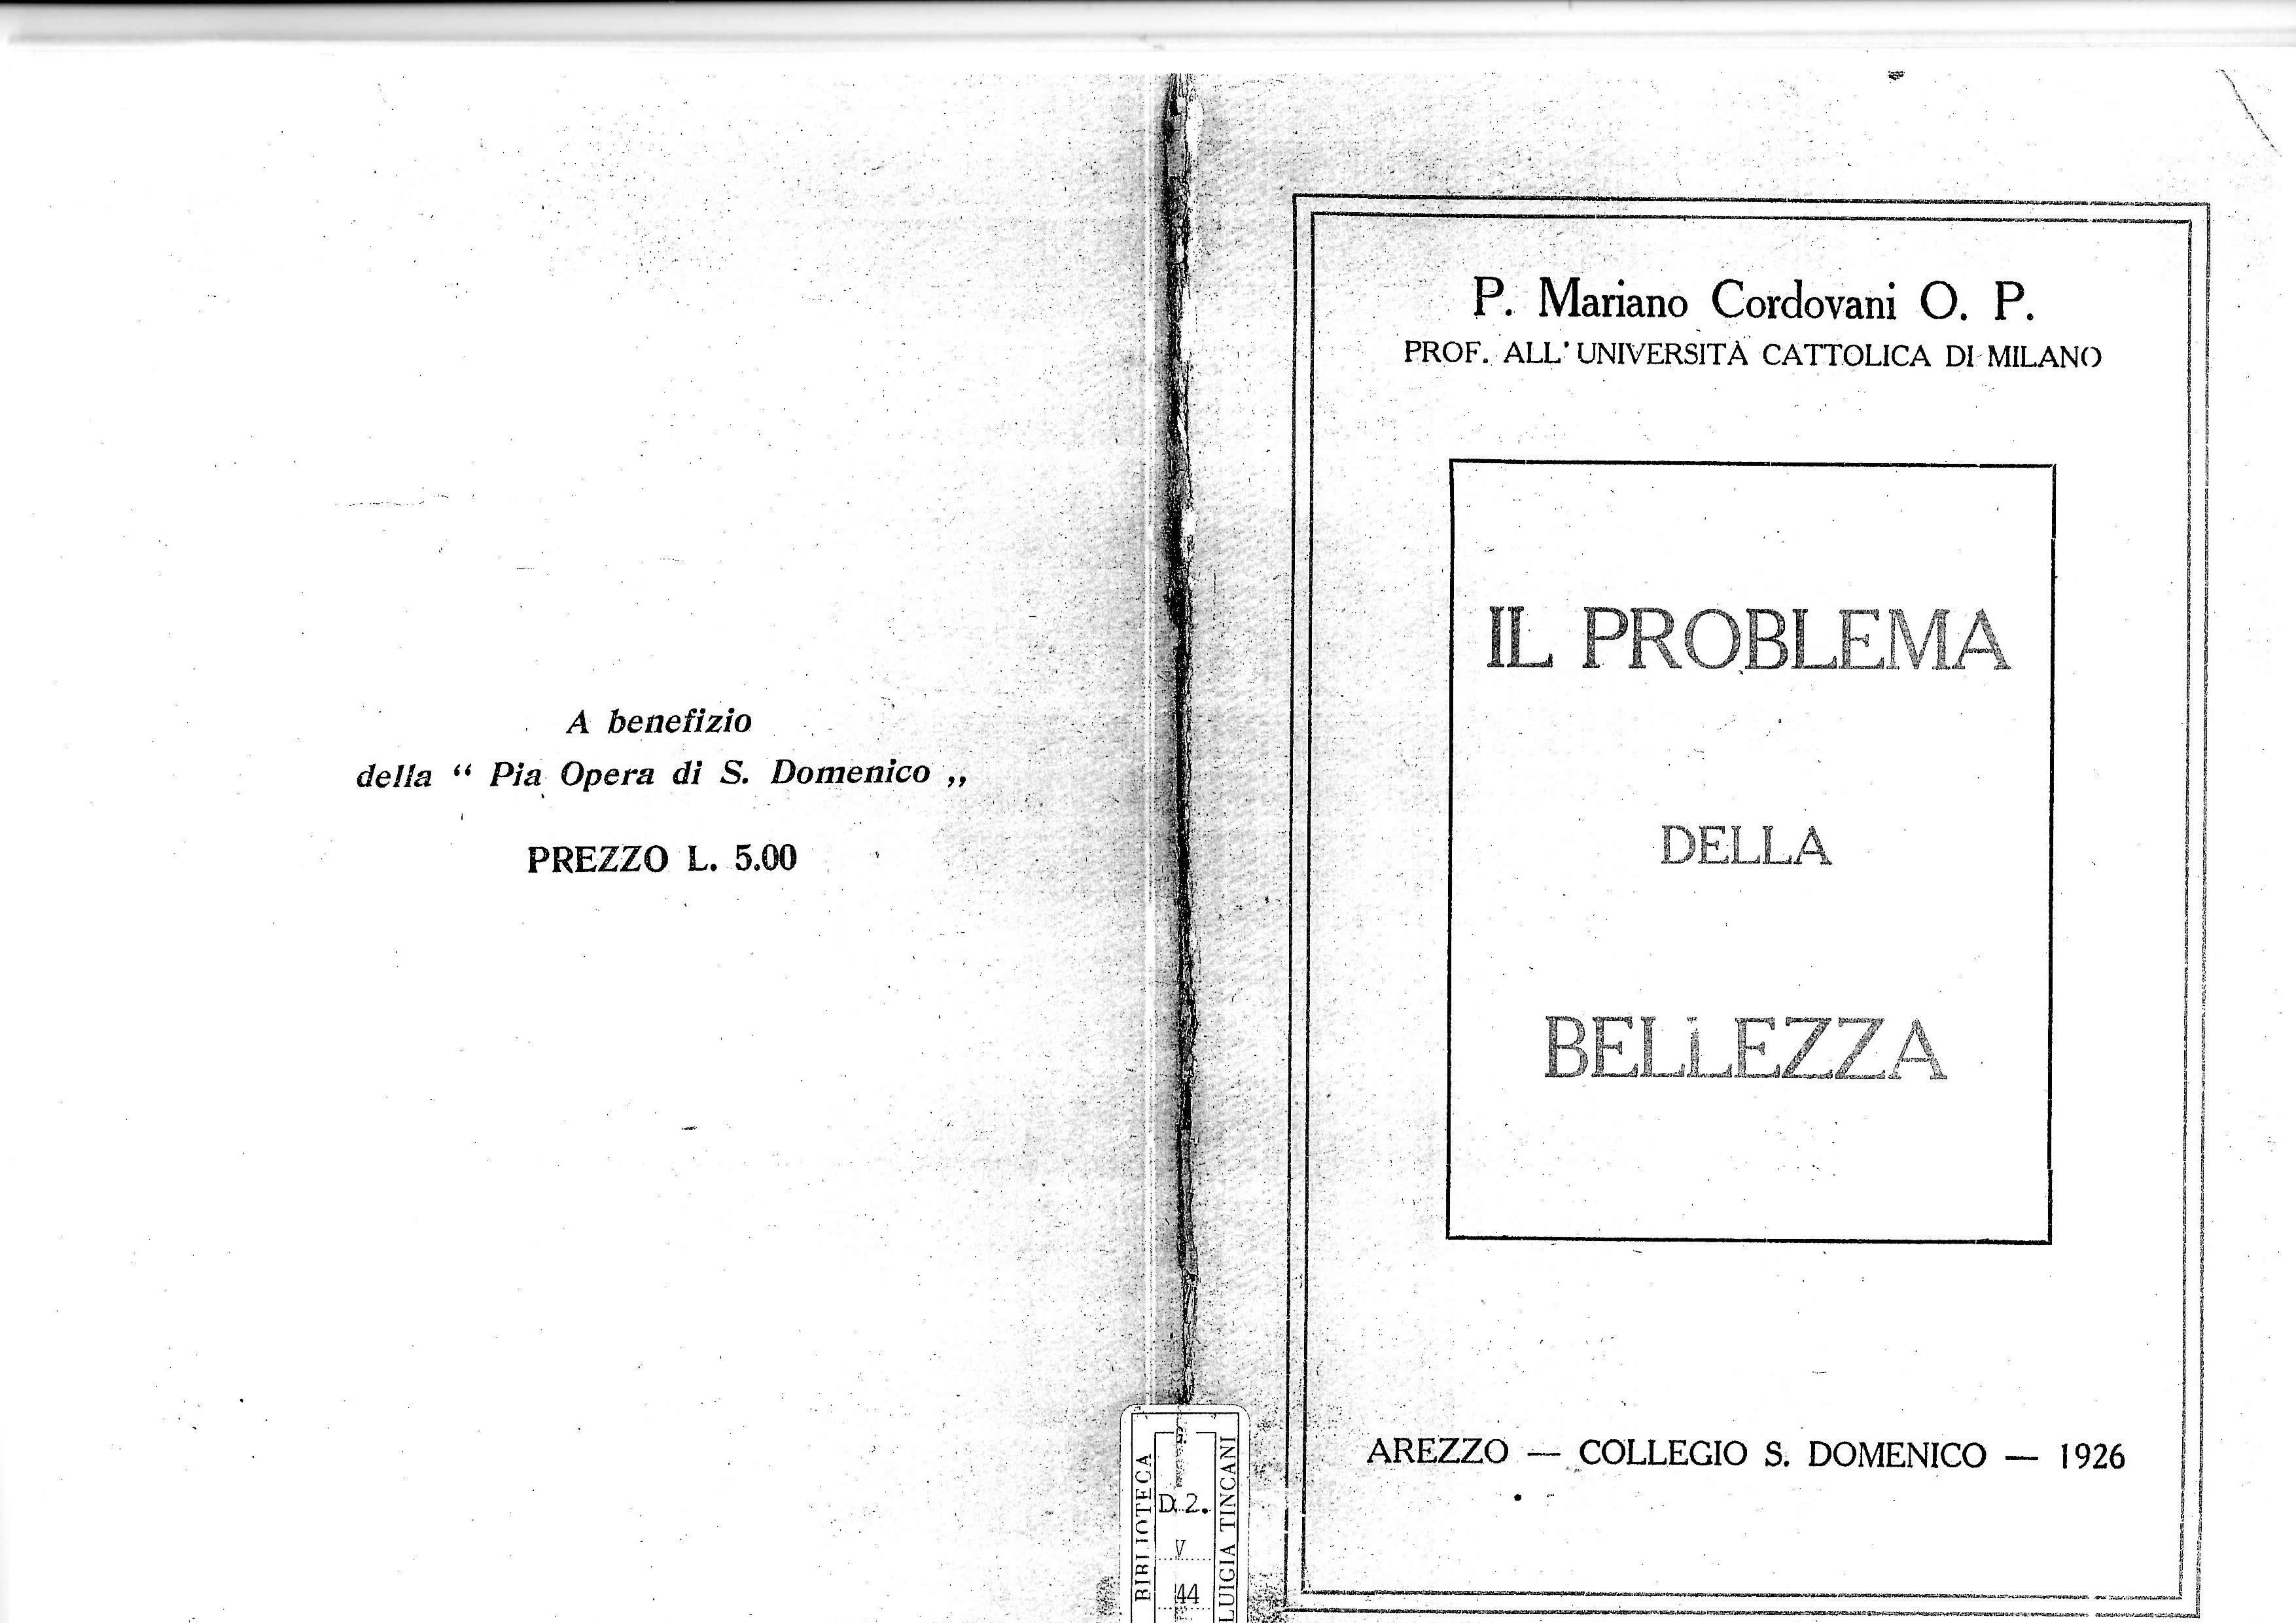 Libro – Cordovani : Il problema della bellezza